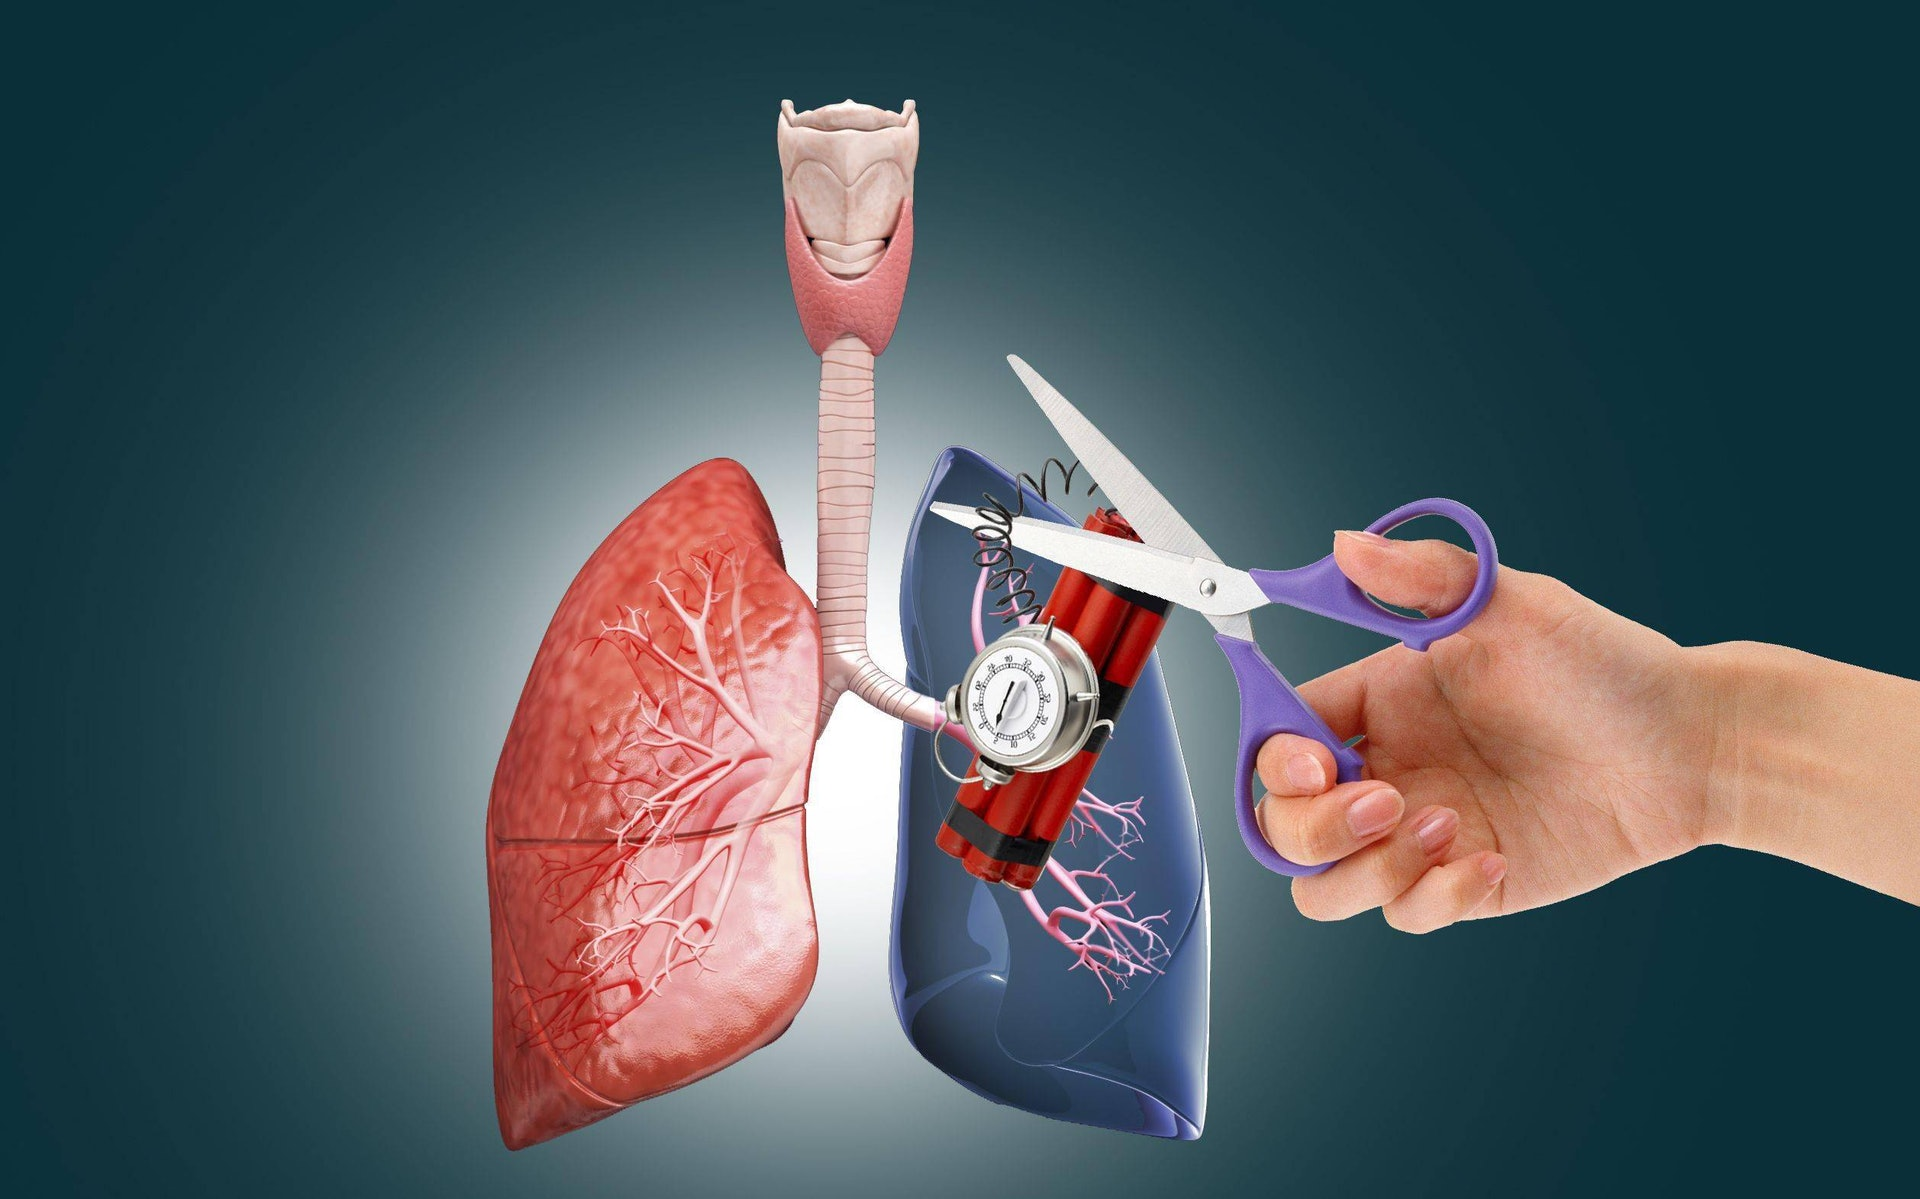 肺栓塞可讓血液的含氧量下降,器官會因缺氧而失去功能、衰竭,嚴重甚至會令人猝死。(圖片:Sohu)